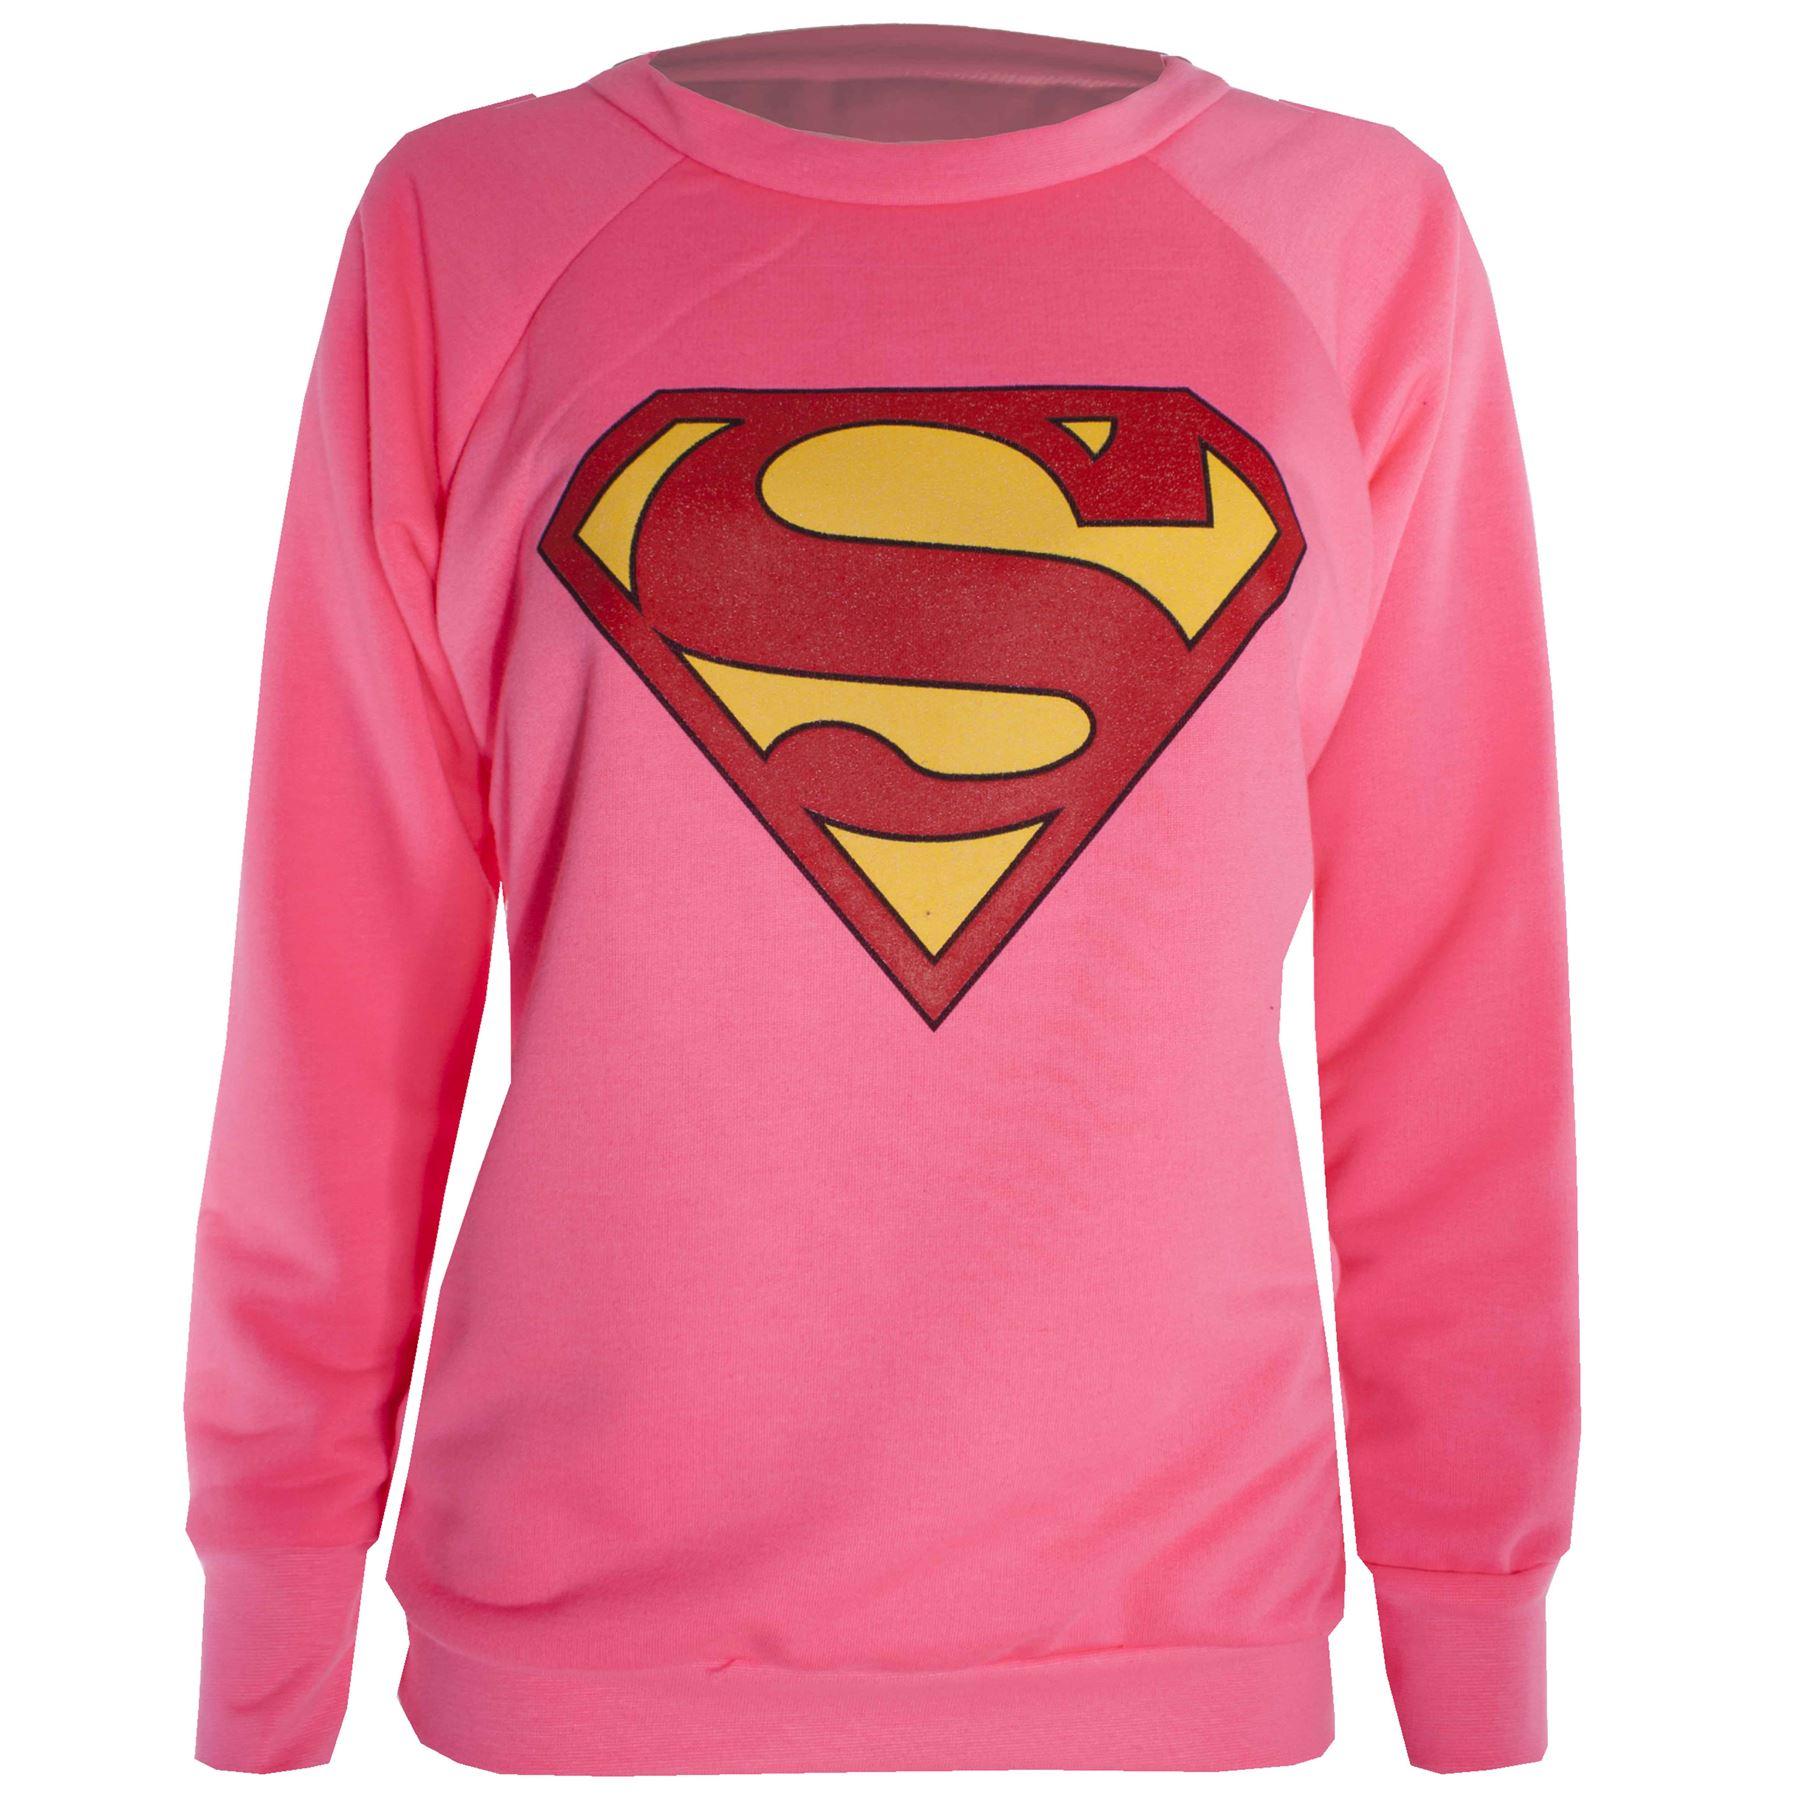 femmes casquette manches longues batman superman t shirt. Black Bedroom Furniture Sets. Home Design Ideas